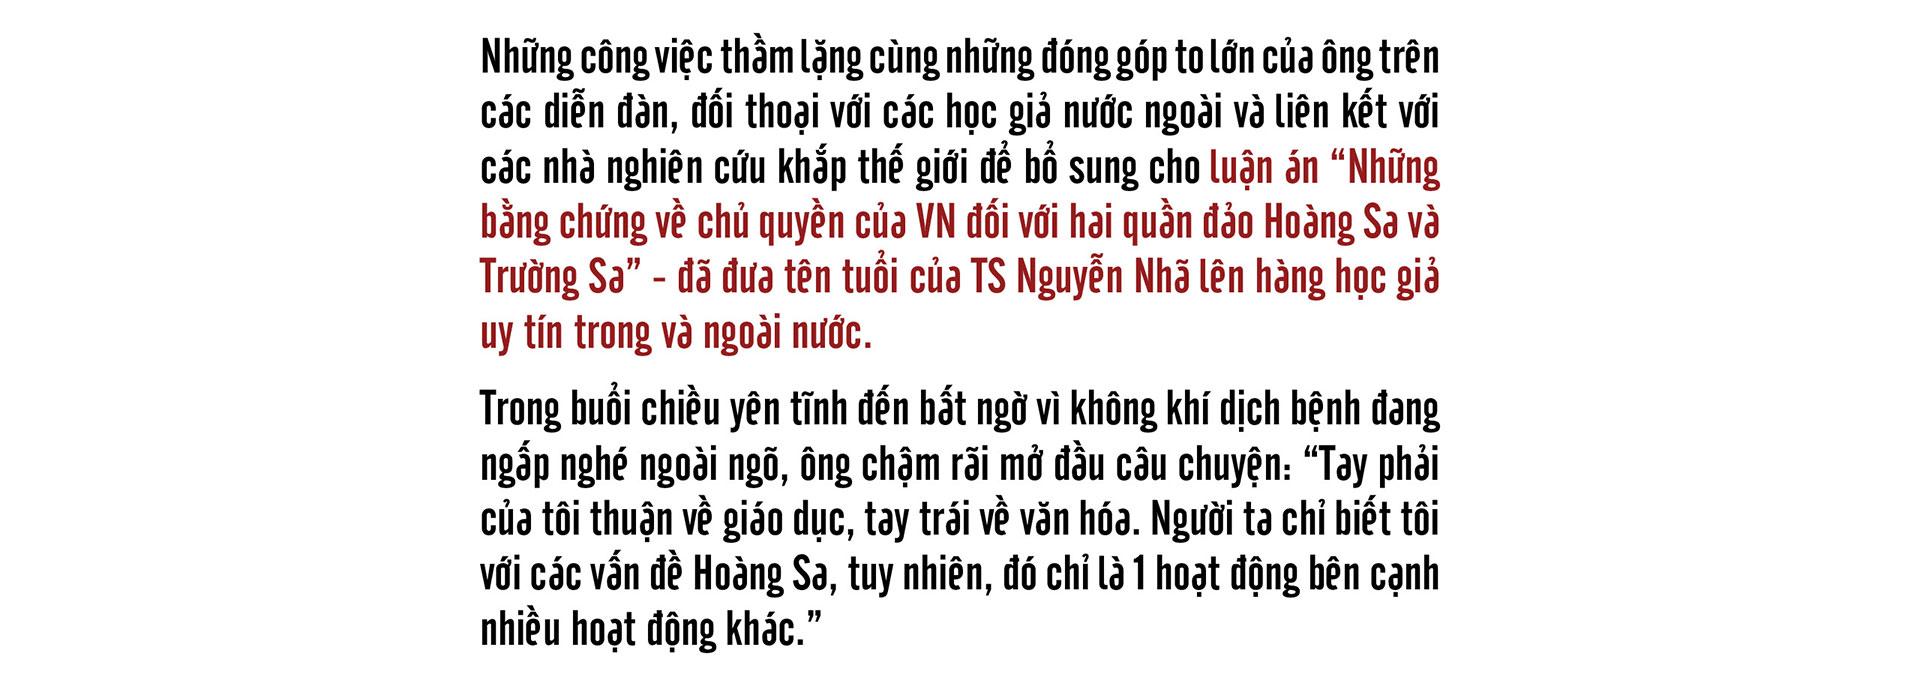 Tiến sĩ sử học Nguyễn Nhã: Muốn bảo vệ chủ quyền, không gì hay hơn là trở thành cường quốc biển  - Ảnh 1.